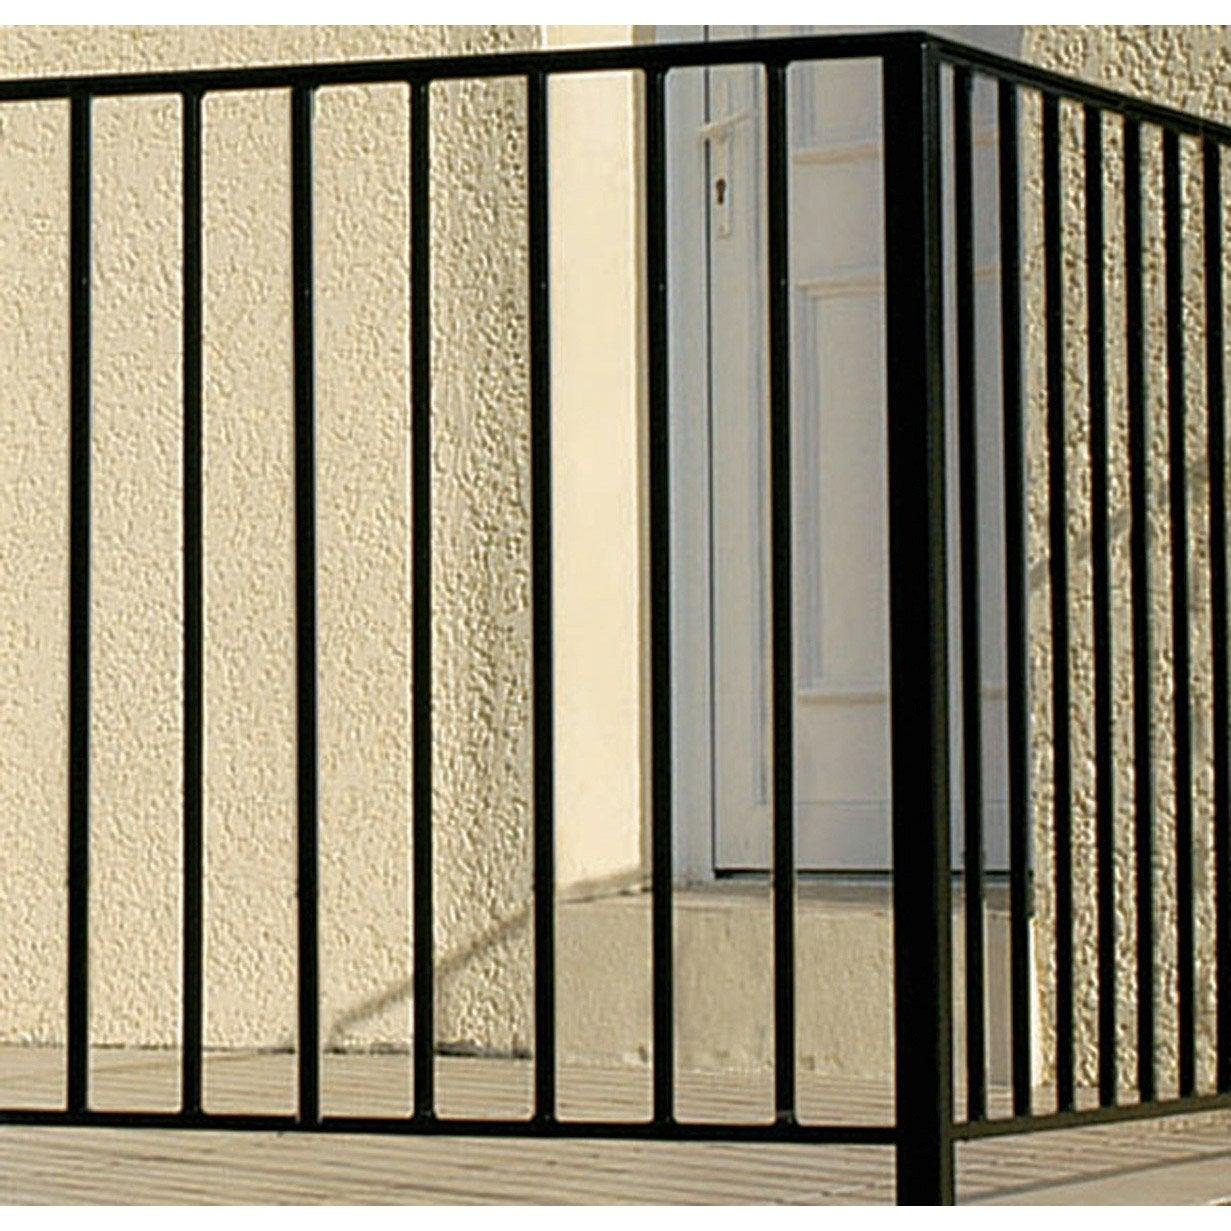 Garde corps pour balcon en fer pr peint levant haut 97cm x larg 146cm le - Barriere escalier leroy merlin ...